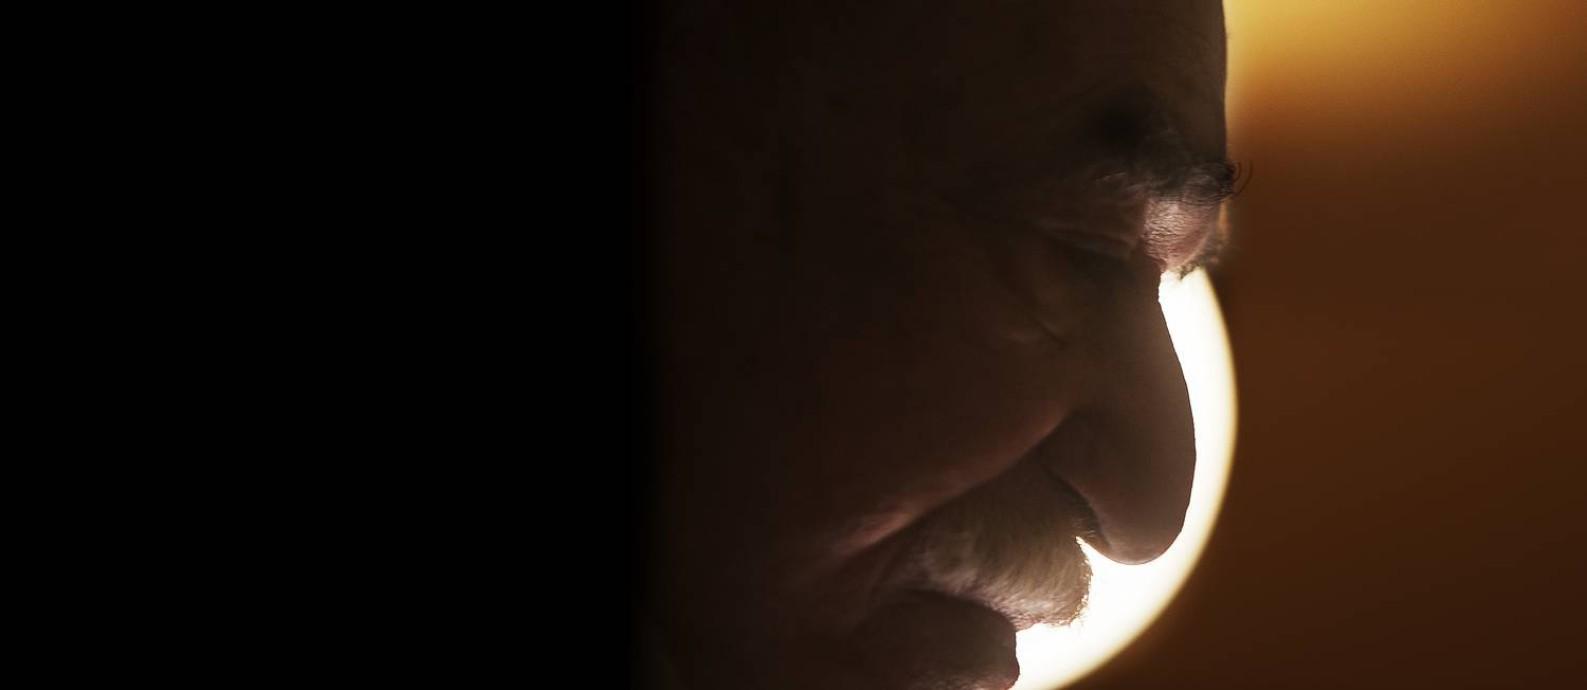 Autor de 'Cem anos de solidão', Gabriel García Márquez Foto: Daniel Mordzinski